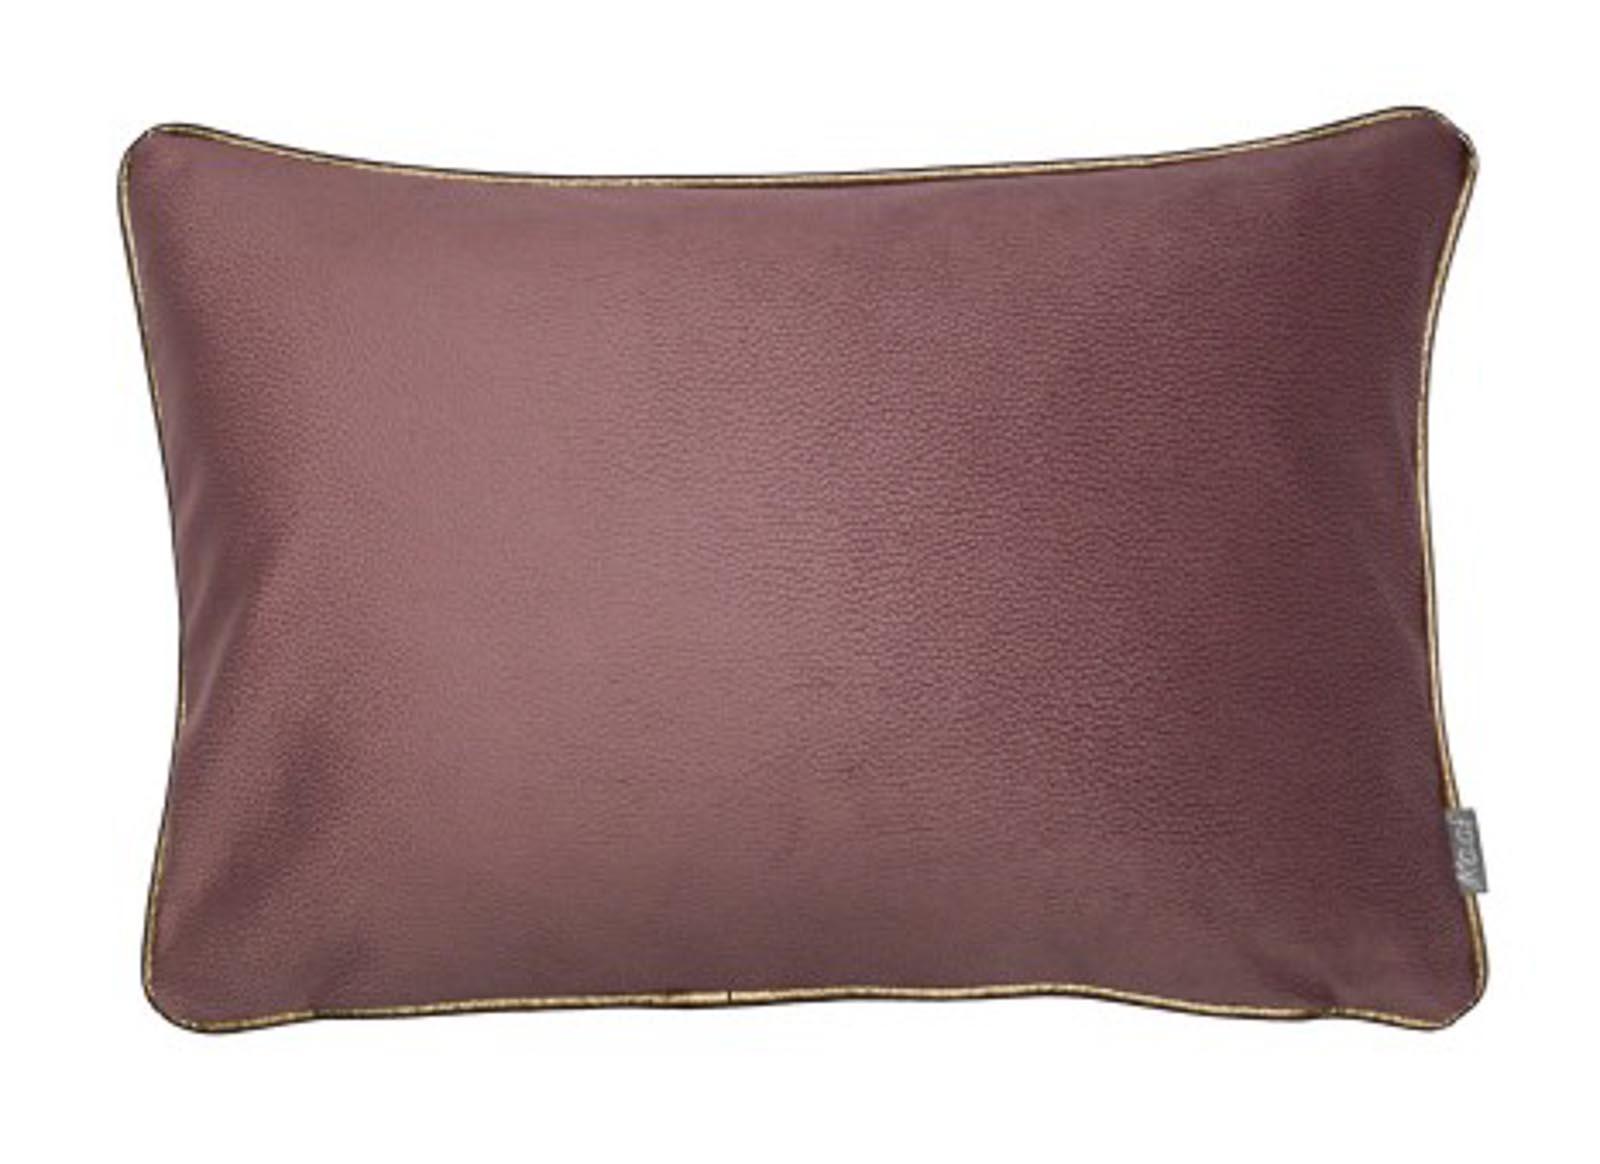 Hedendaags Kussen roze langwerpig | Zachte meubelstof | Piping randje MH-88